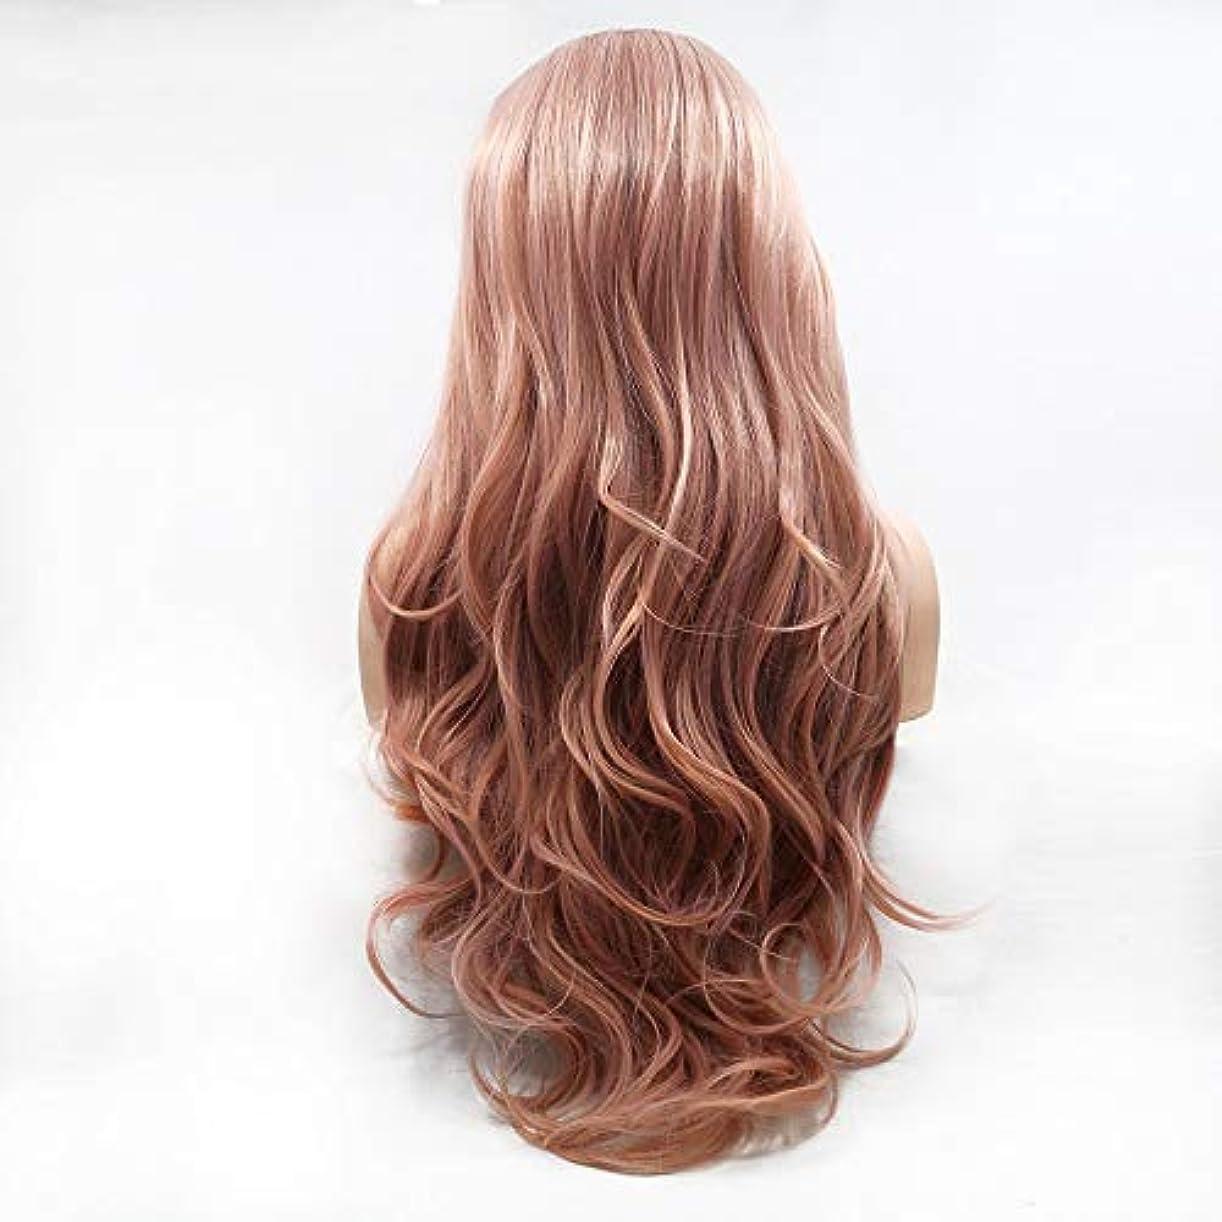 わな伝記団結ヘアピース 赤く長い毛の巻き毛の女性ハンドメイドのレースのヨーロッパおよびアメリカの自然な毛のかつらセット